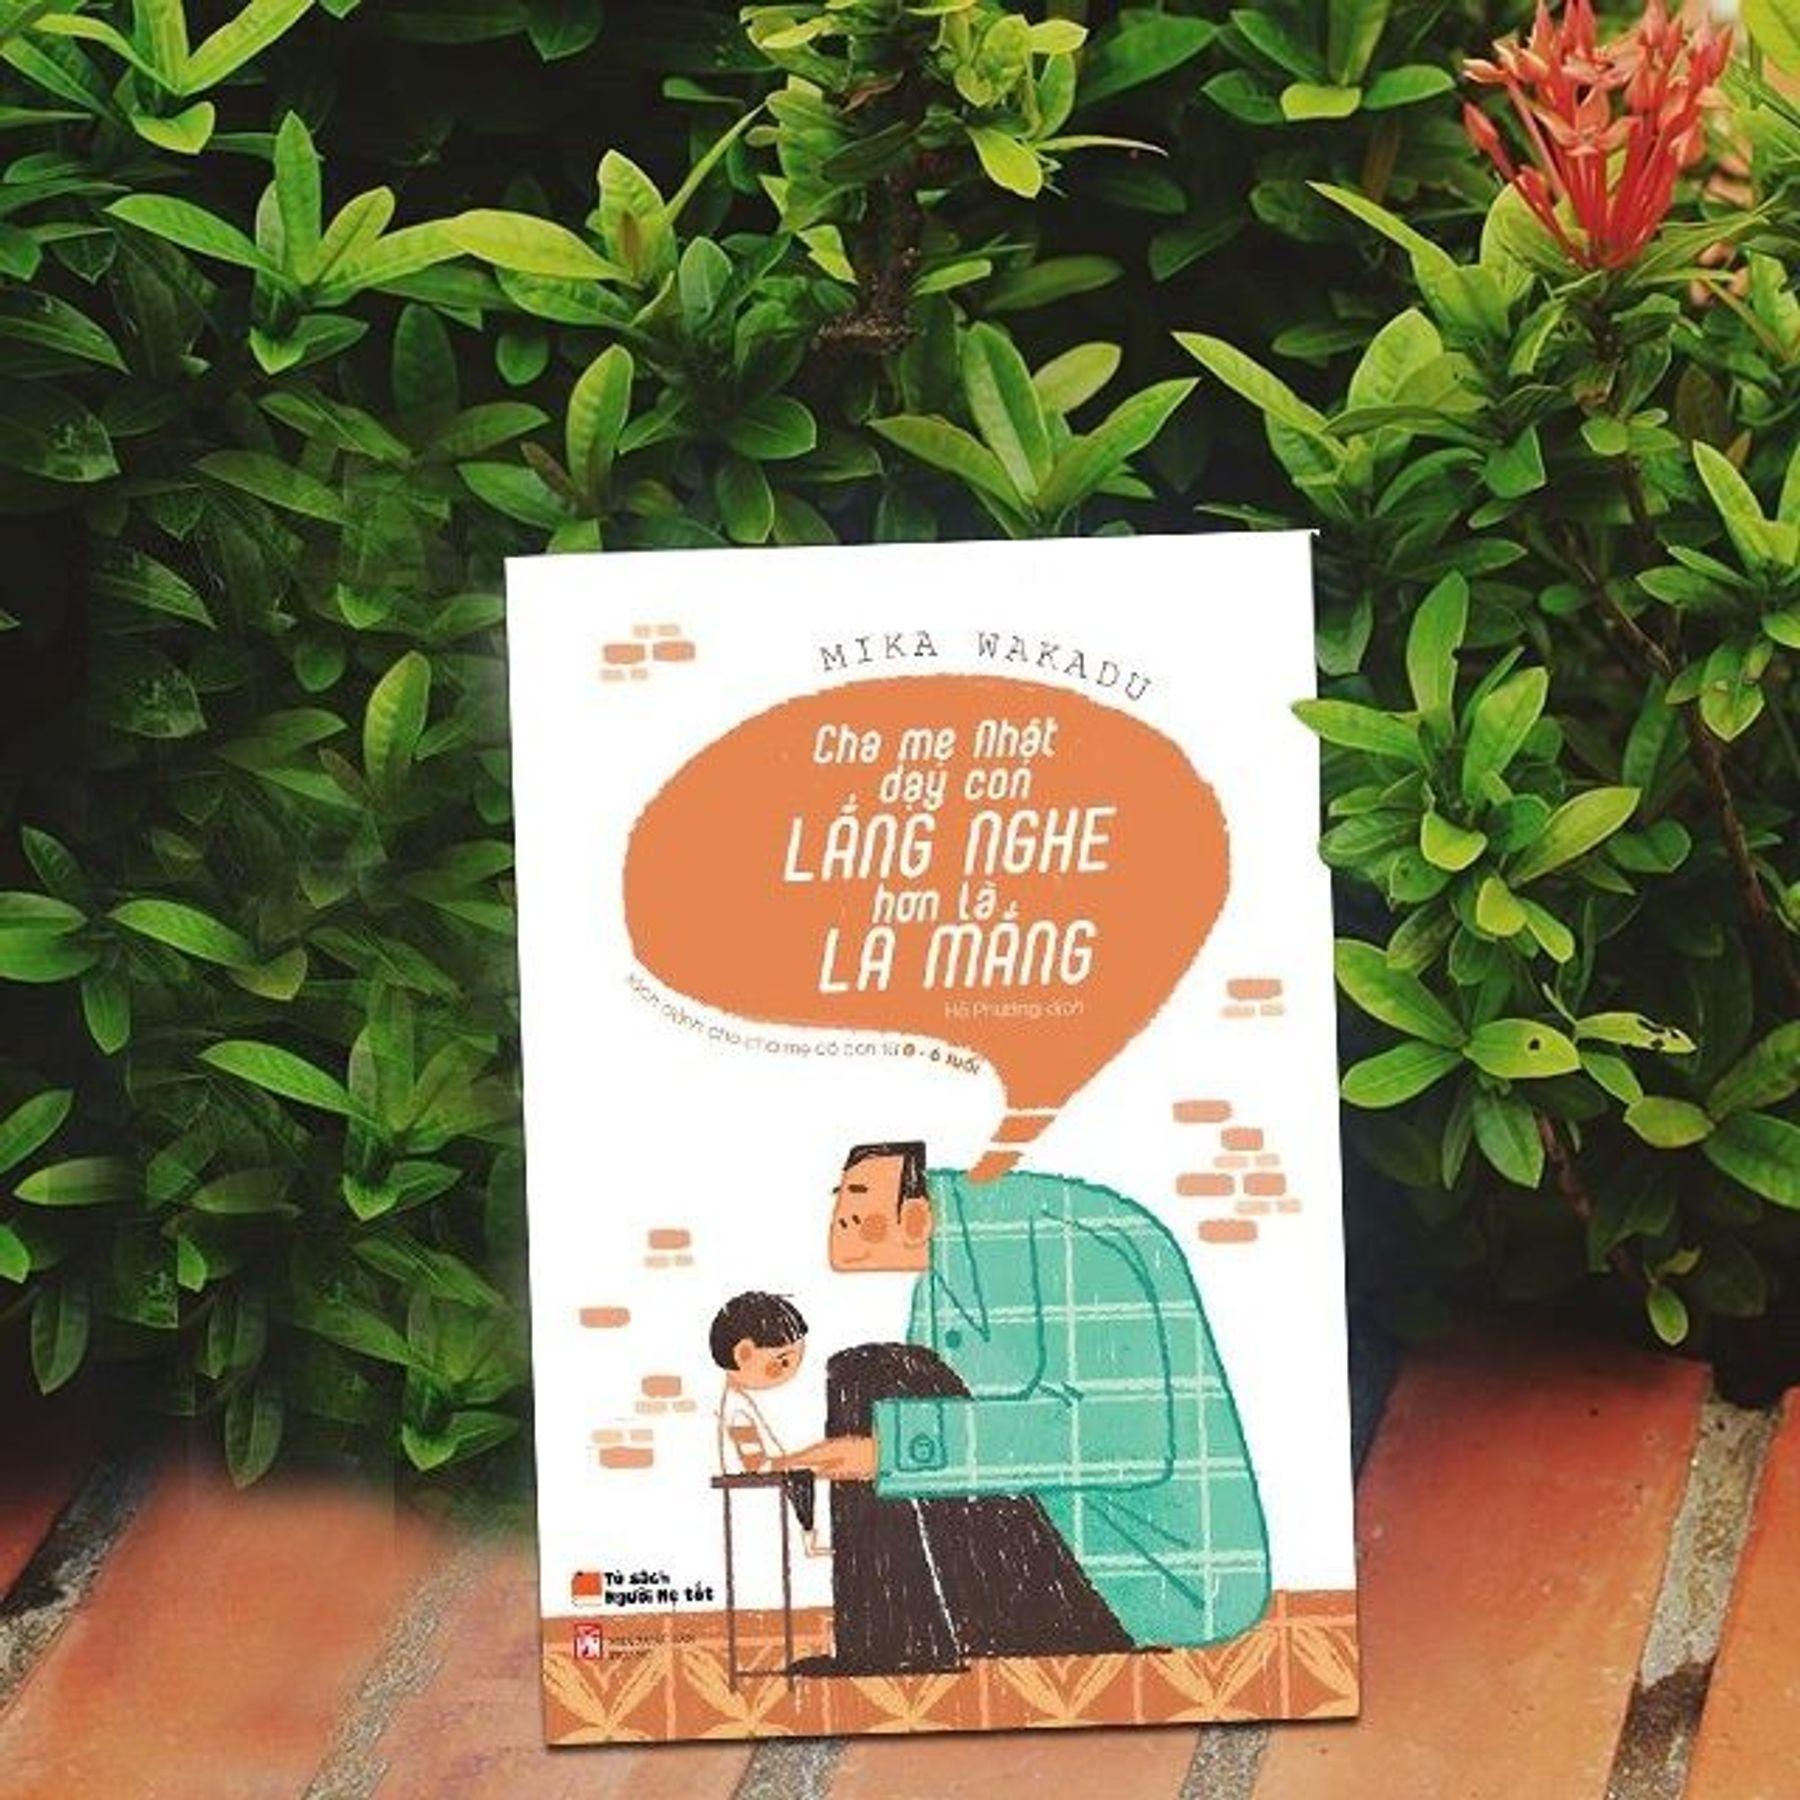 """Sách nuôi dạy con kiểu nhật: """"Cha mẹ Nhật dạy con lắng nghe hơn là la mắng"""" - Mika Wakuda"""